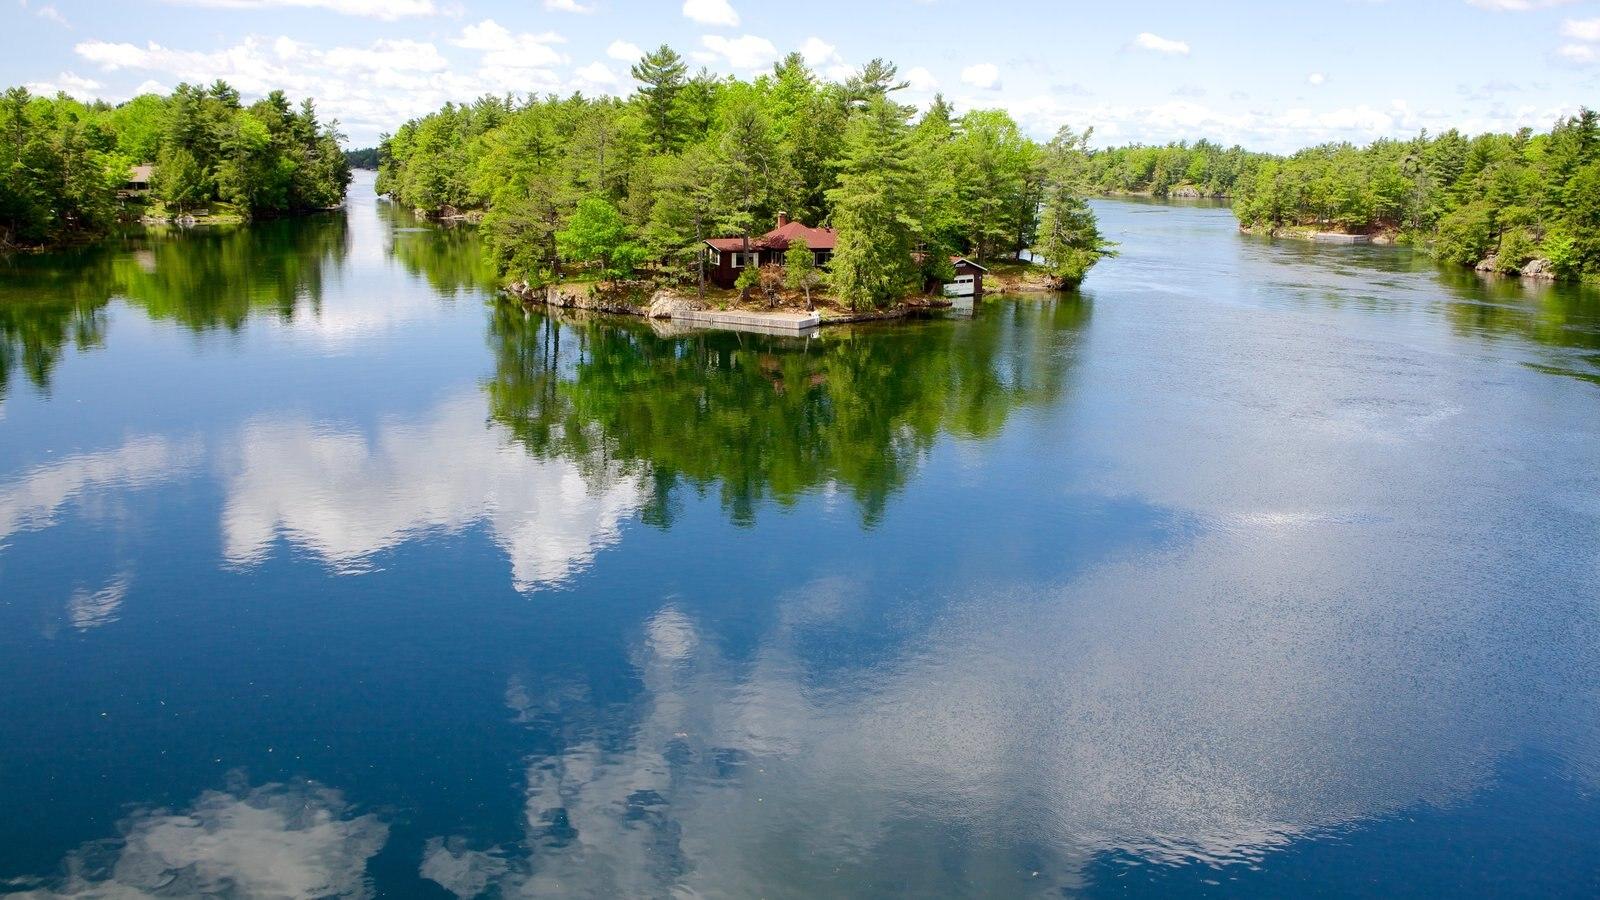 St. Lawrence Islands National Park mostrando um lago ou charco